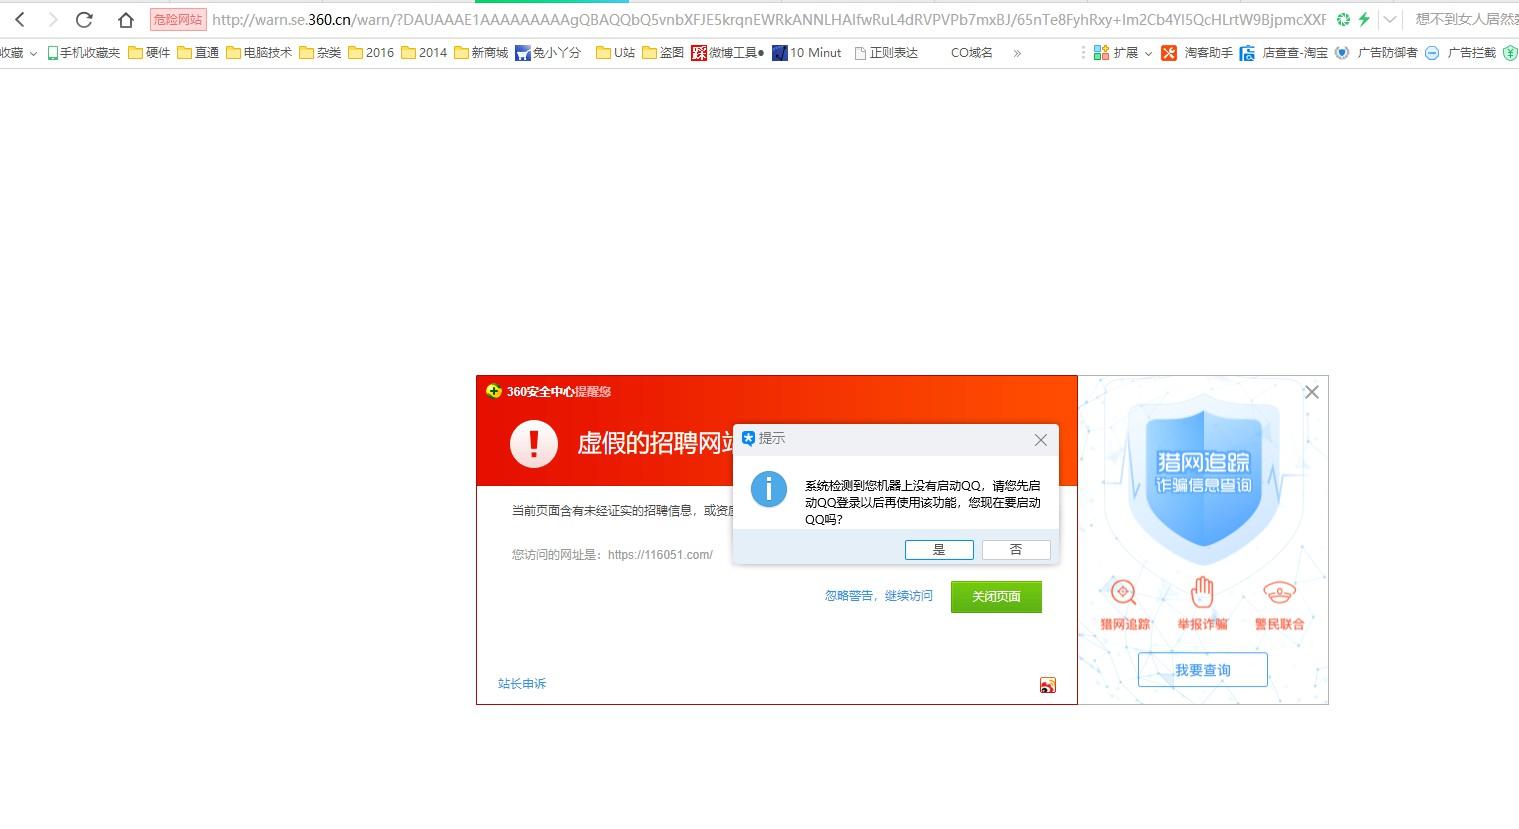 浏览器被劫持,打开网址就自动跳转到这个网站上